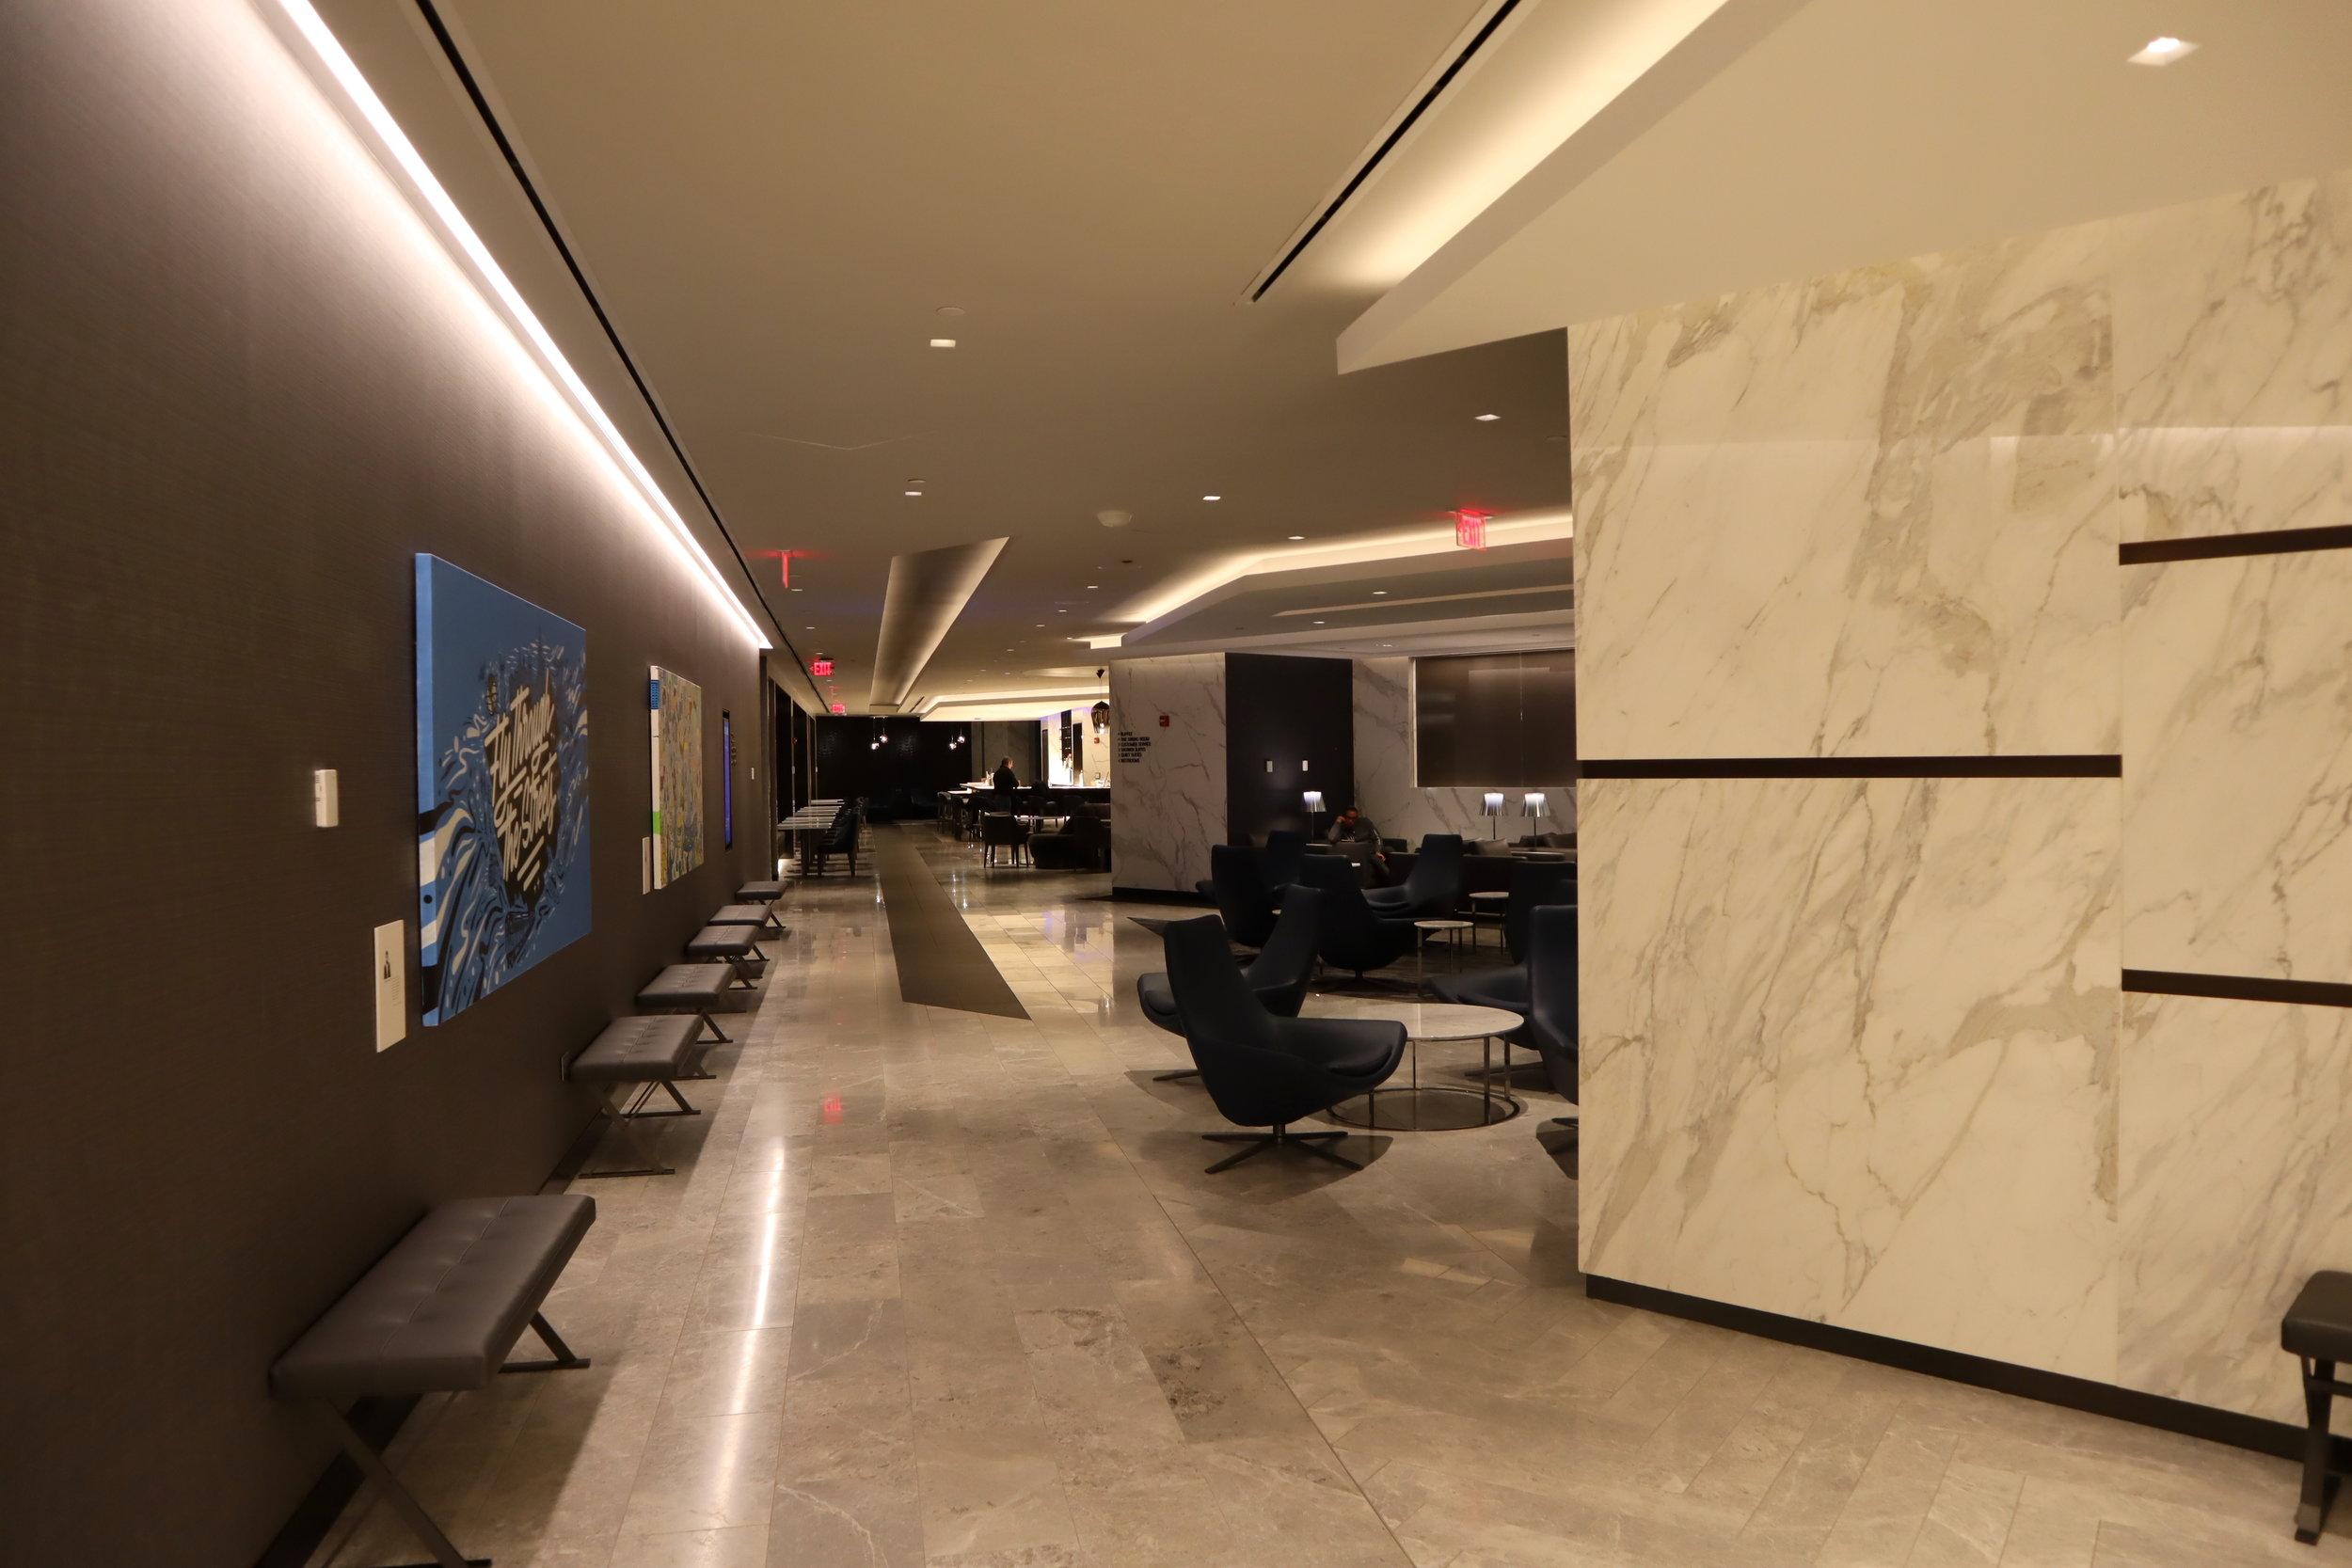 United Polaris Lounge Newark – Leaving the lounge